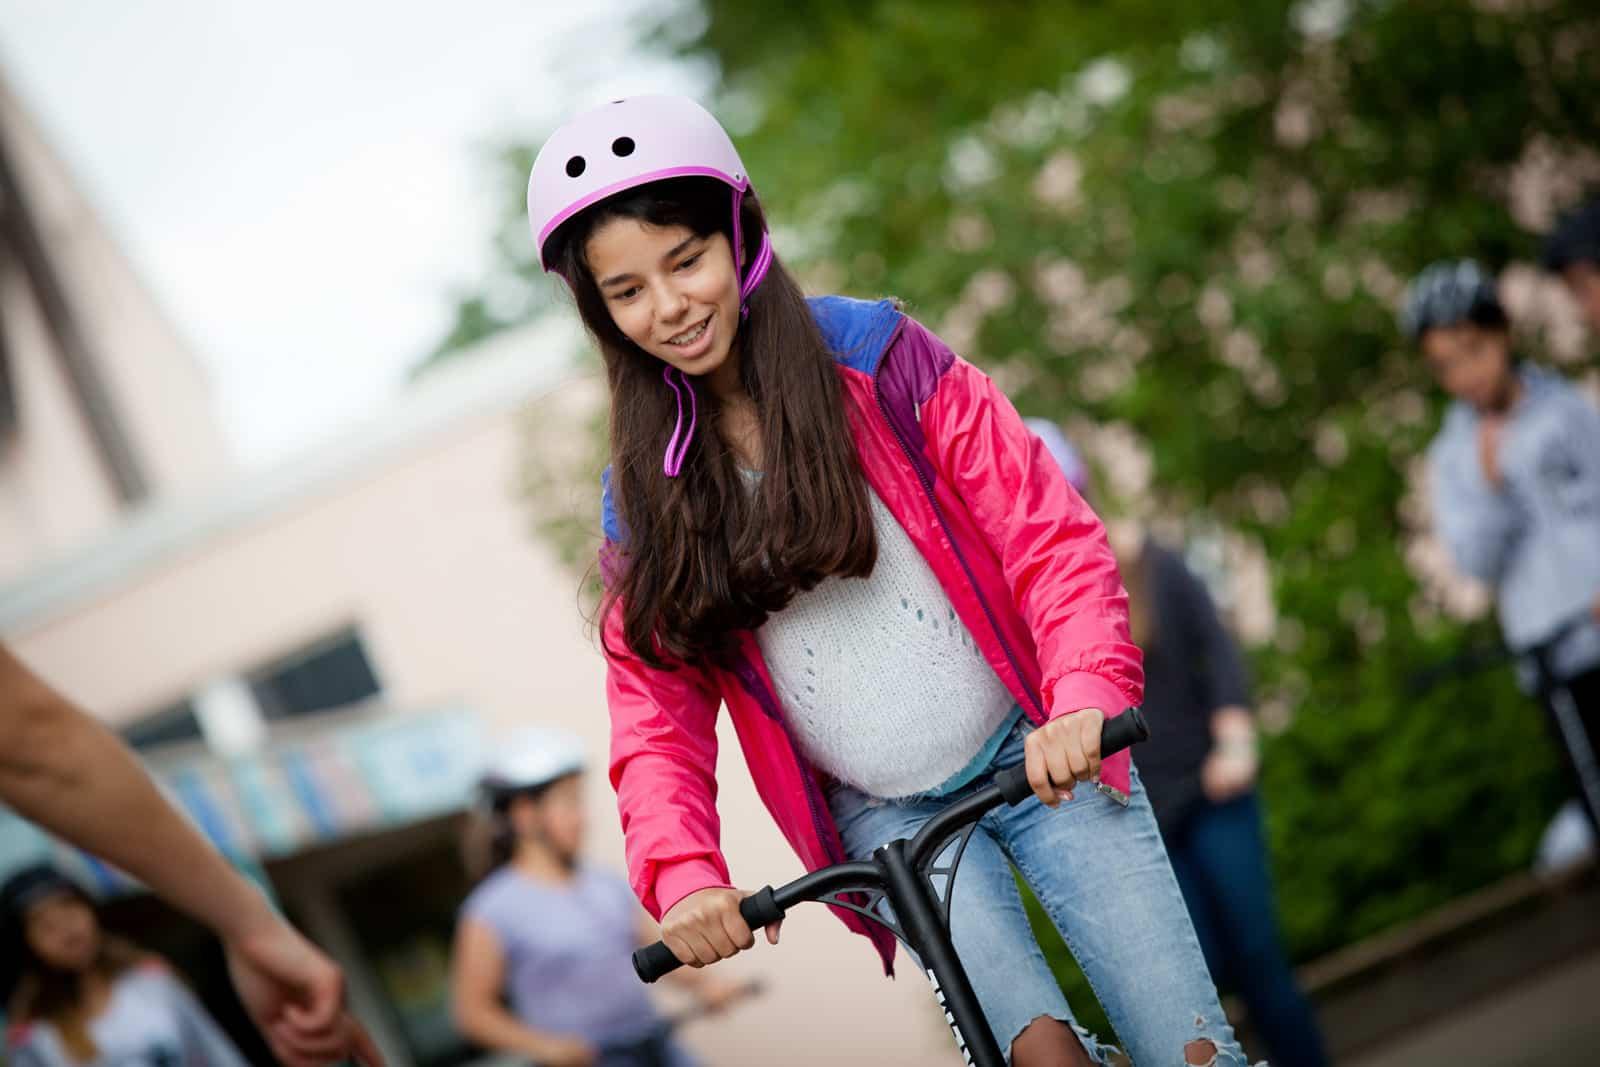 Ein Mädchen mit rosa Helm fährt Scooter